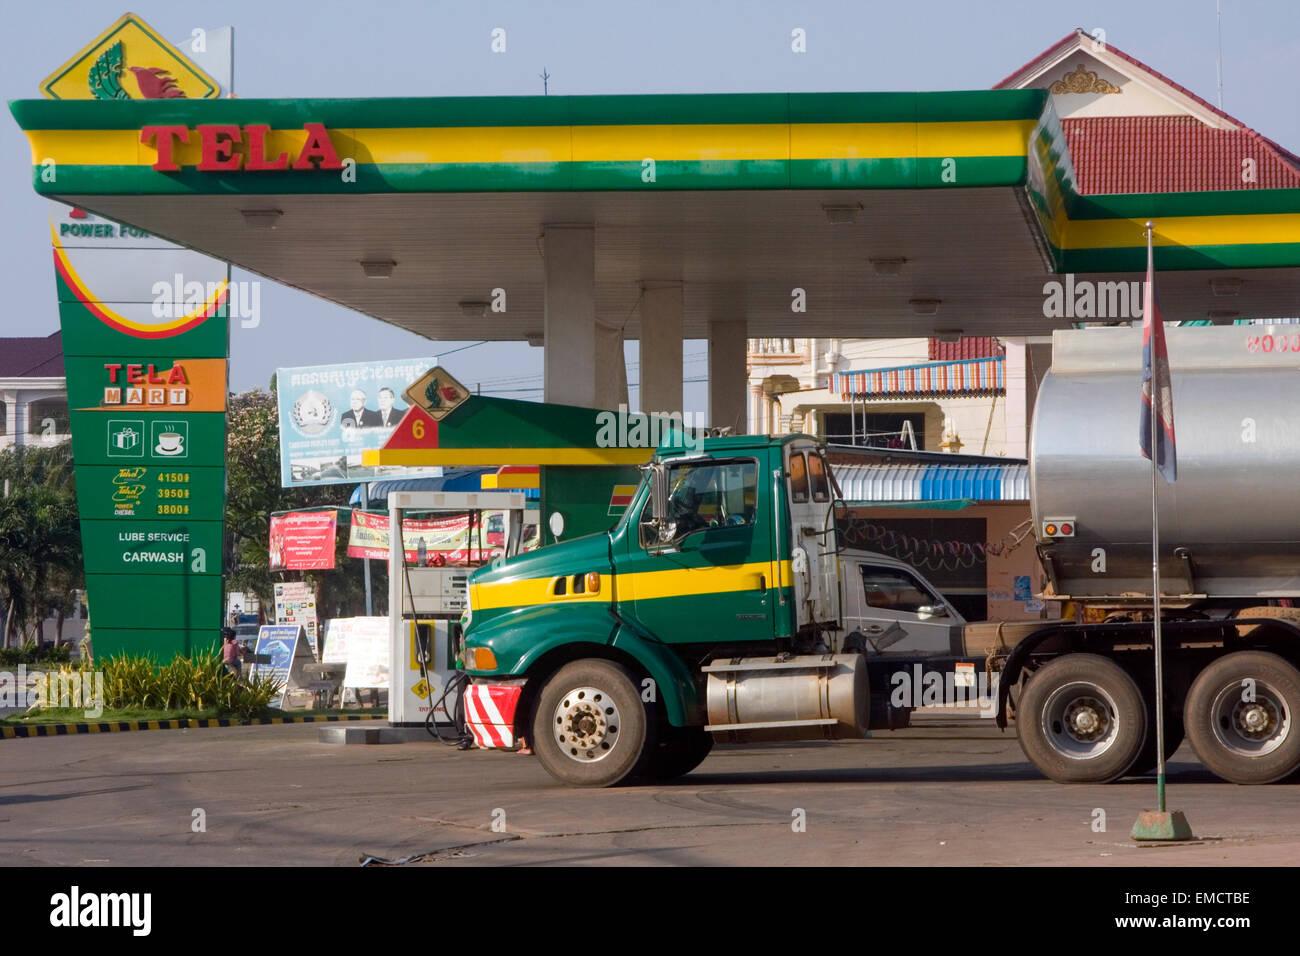 Un camión de combustible está estacionado en una gasolinera de Tela & Mini Mart en Kampong Cham, Camboya. Imagen De Stock